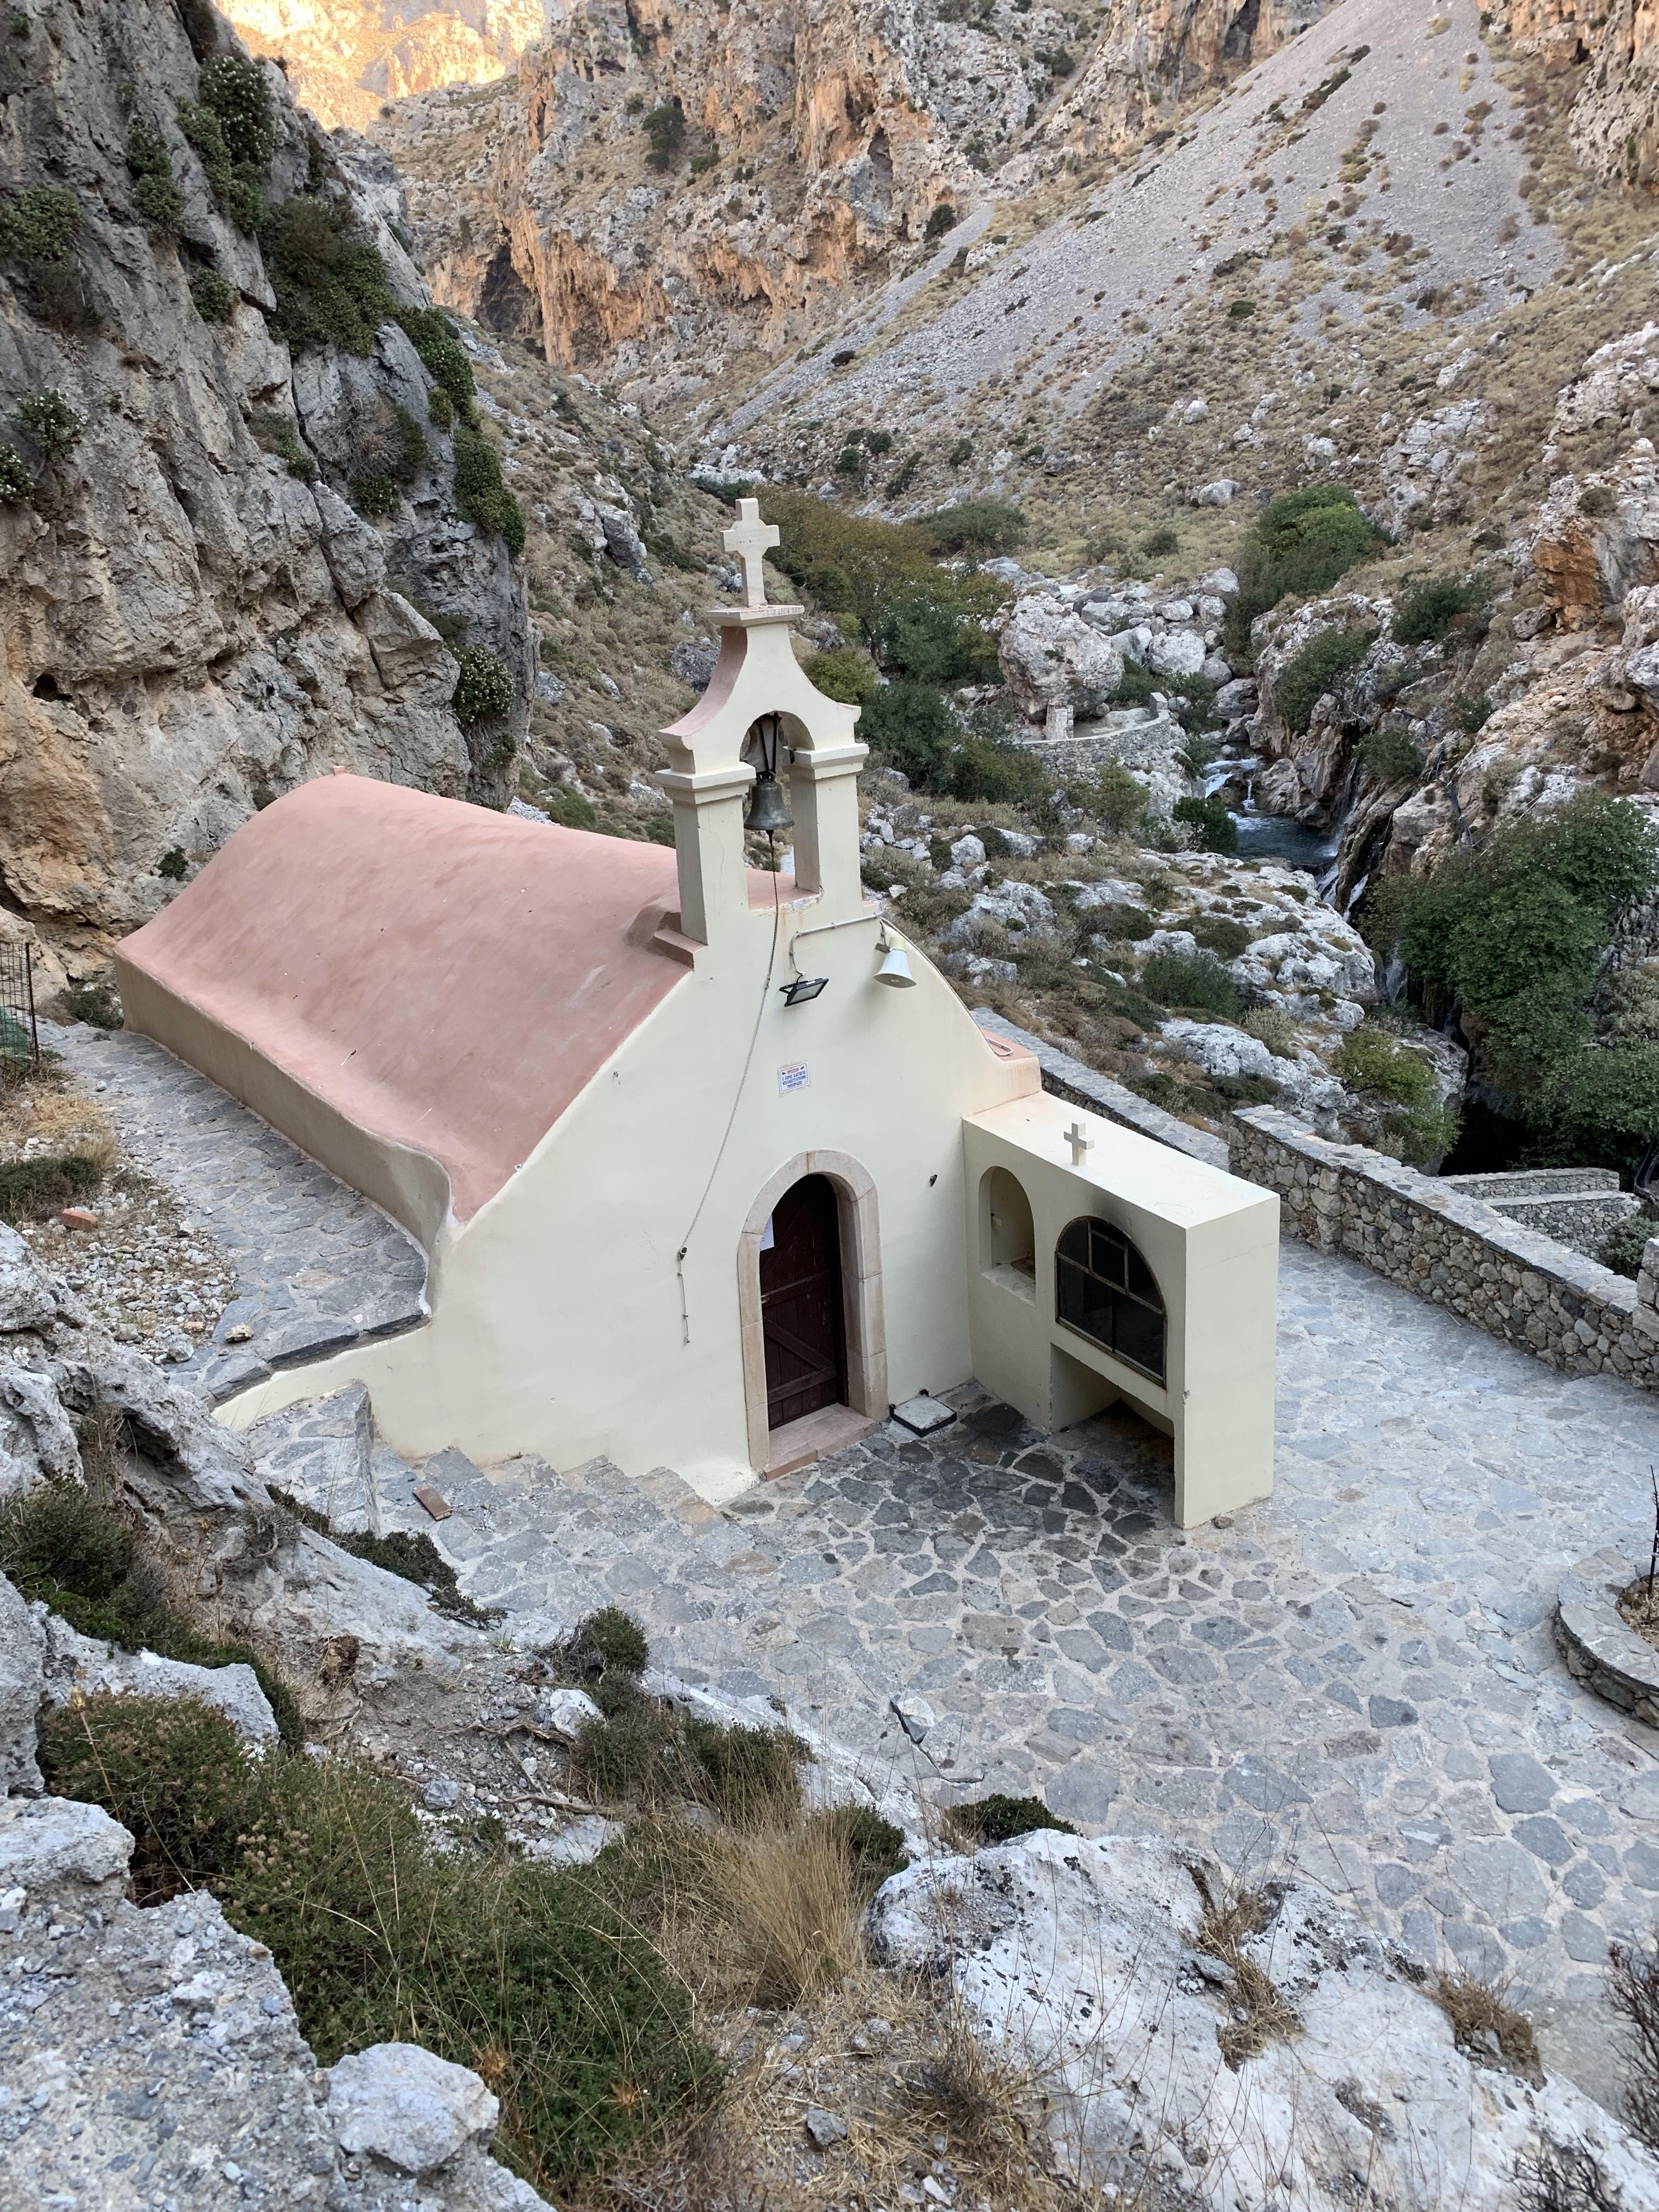 Church at Kourtaliotiko Gorge